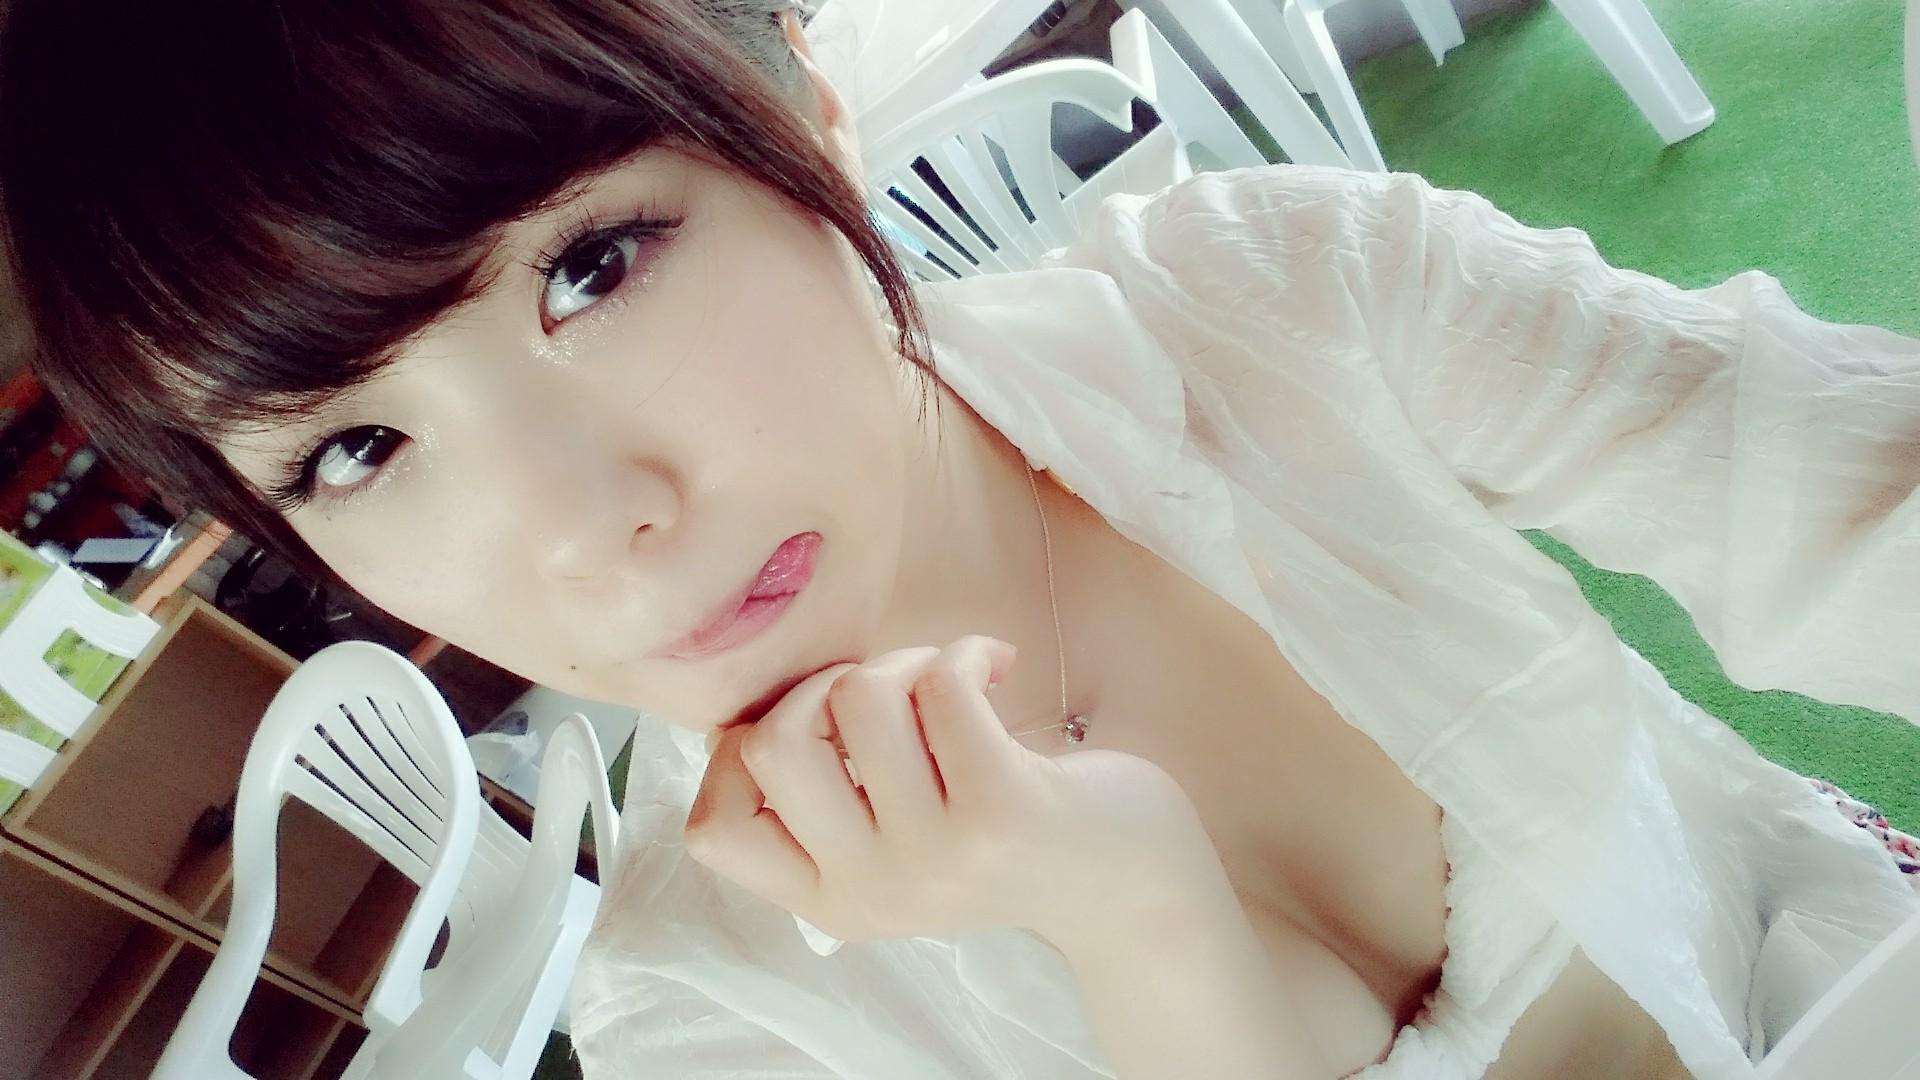 元SKE48メンバー石田安奈の水着姿などの高画質な画像集